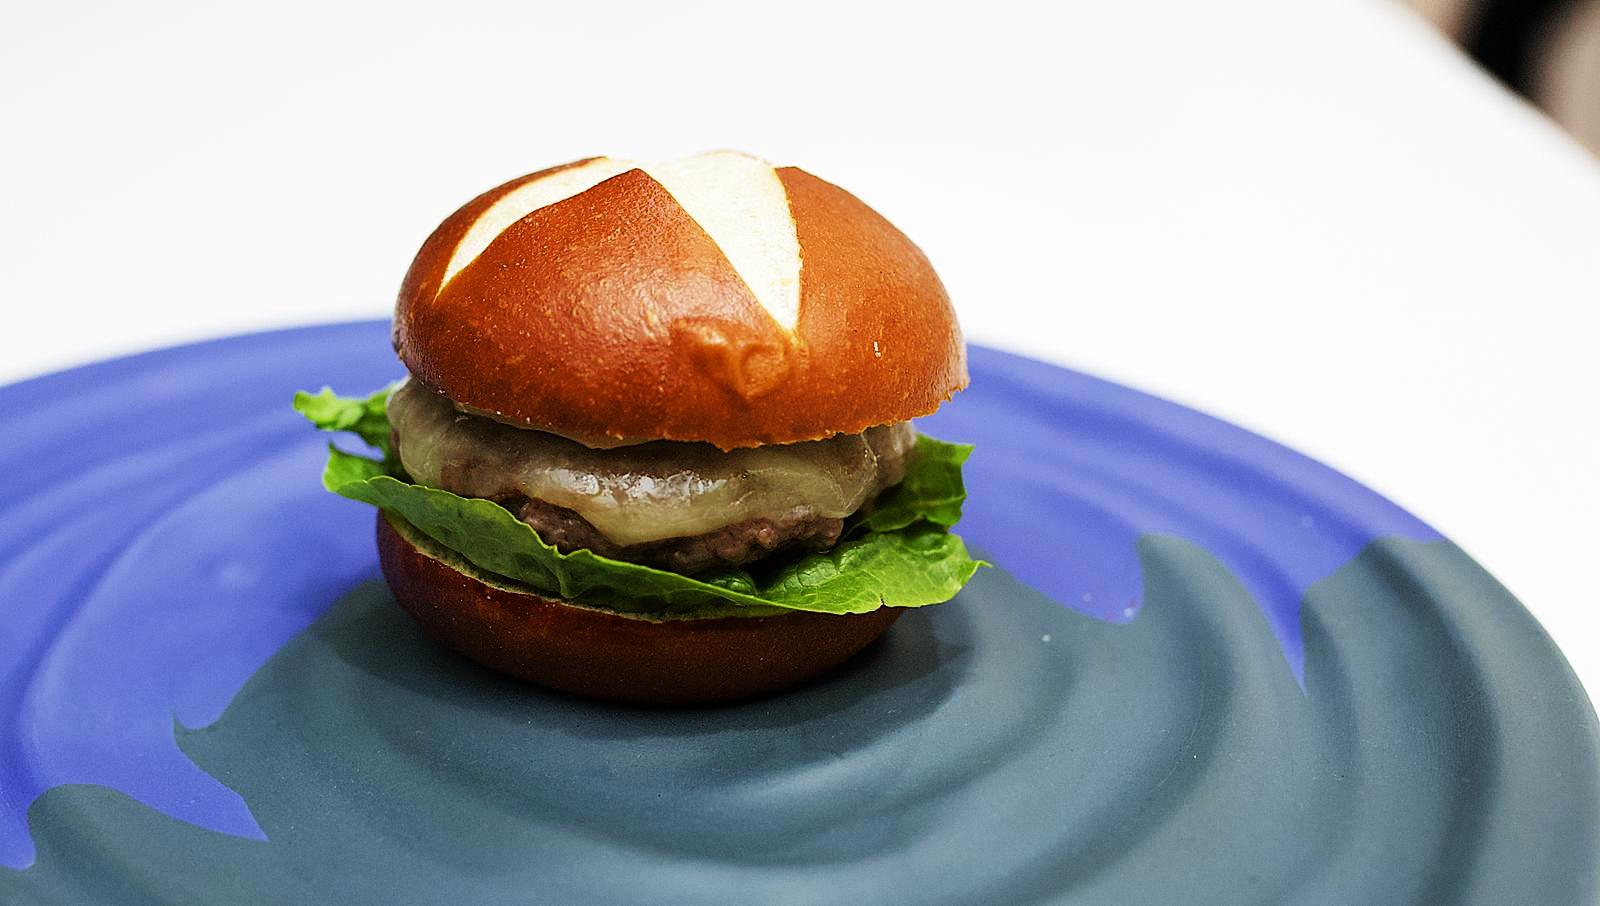 Hamburguesa Bibo, incluida en el menú Madre de 2019.